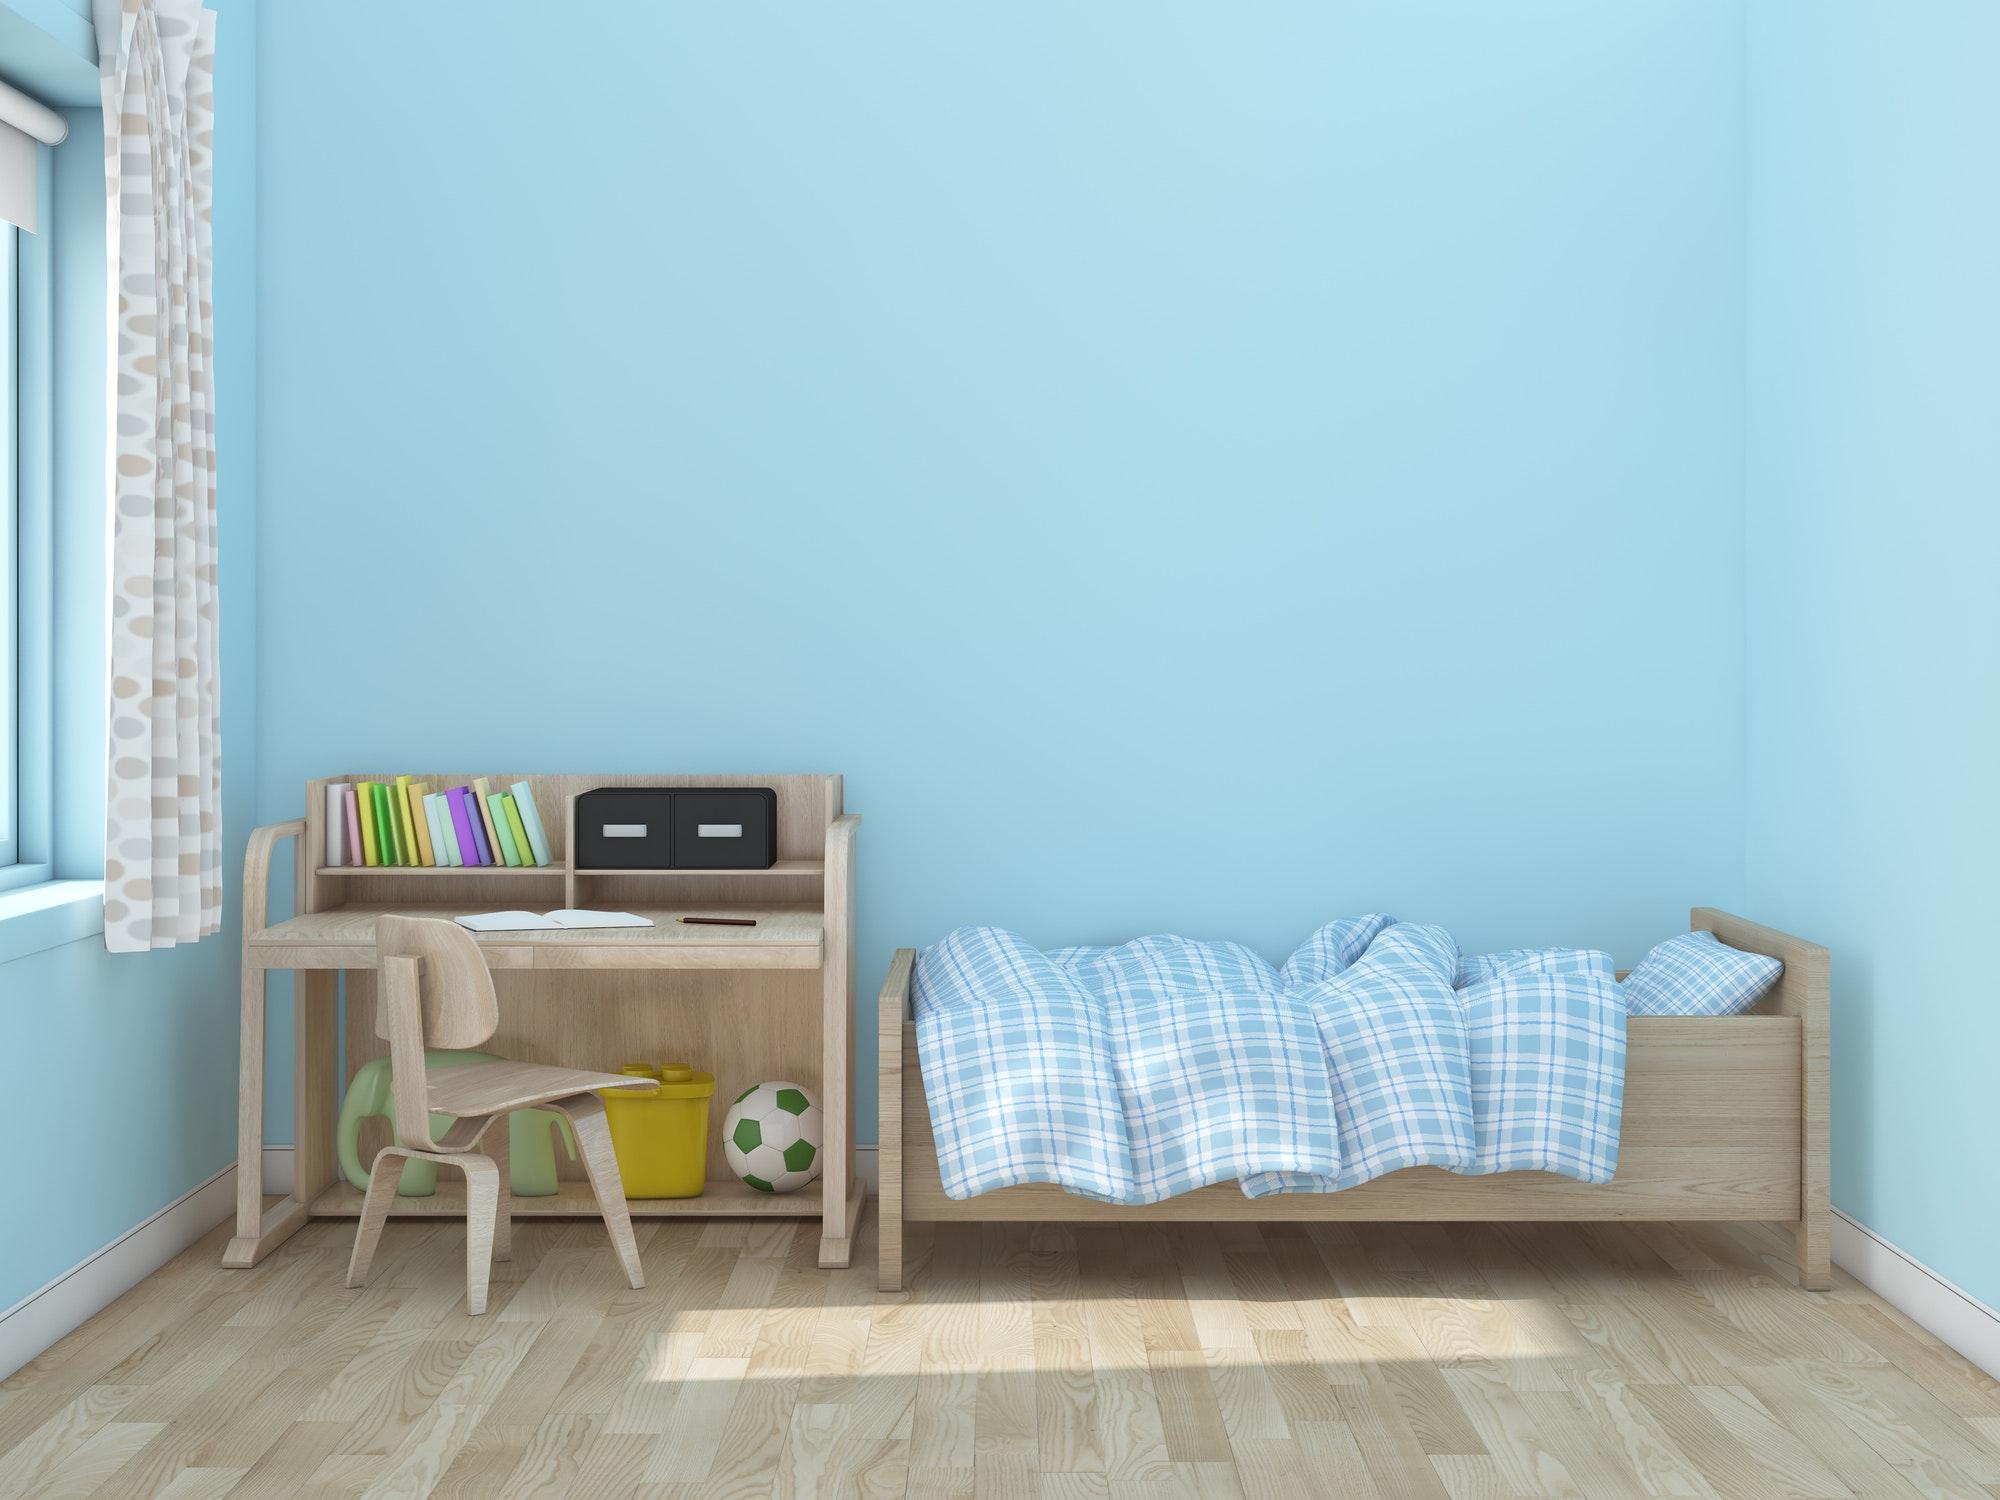 Chambre enfant : des idées de mobilier évolutif - PARENTS.fr